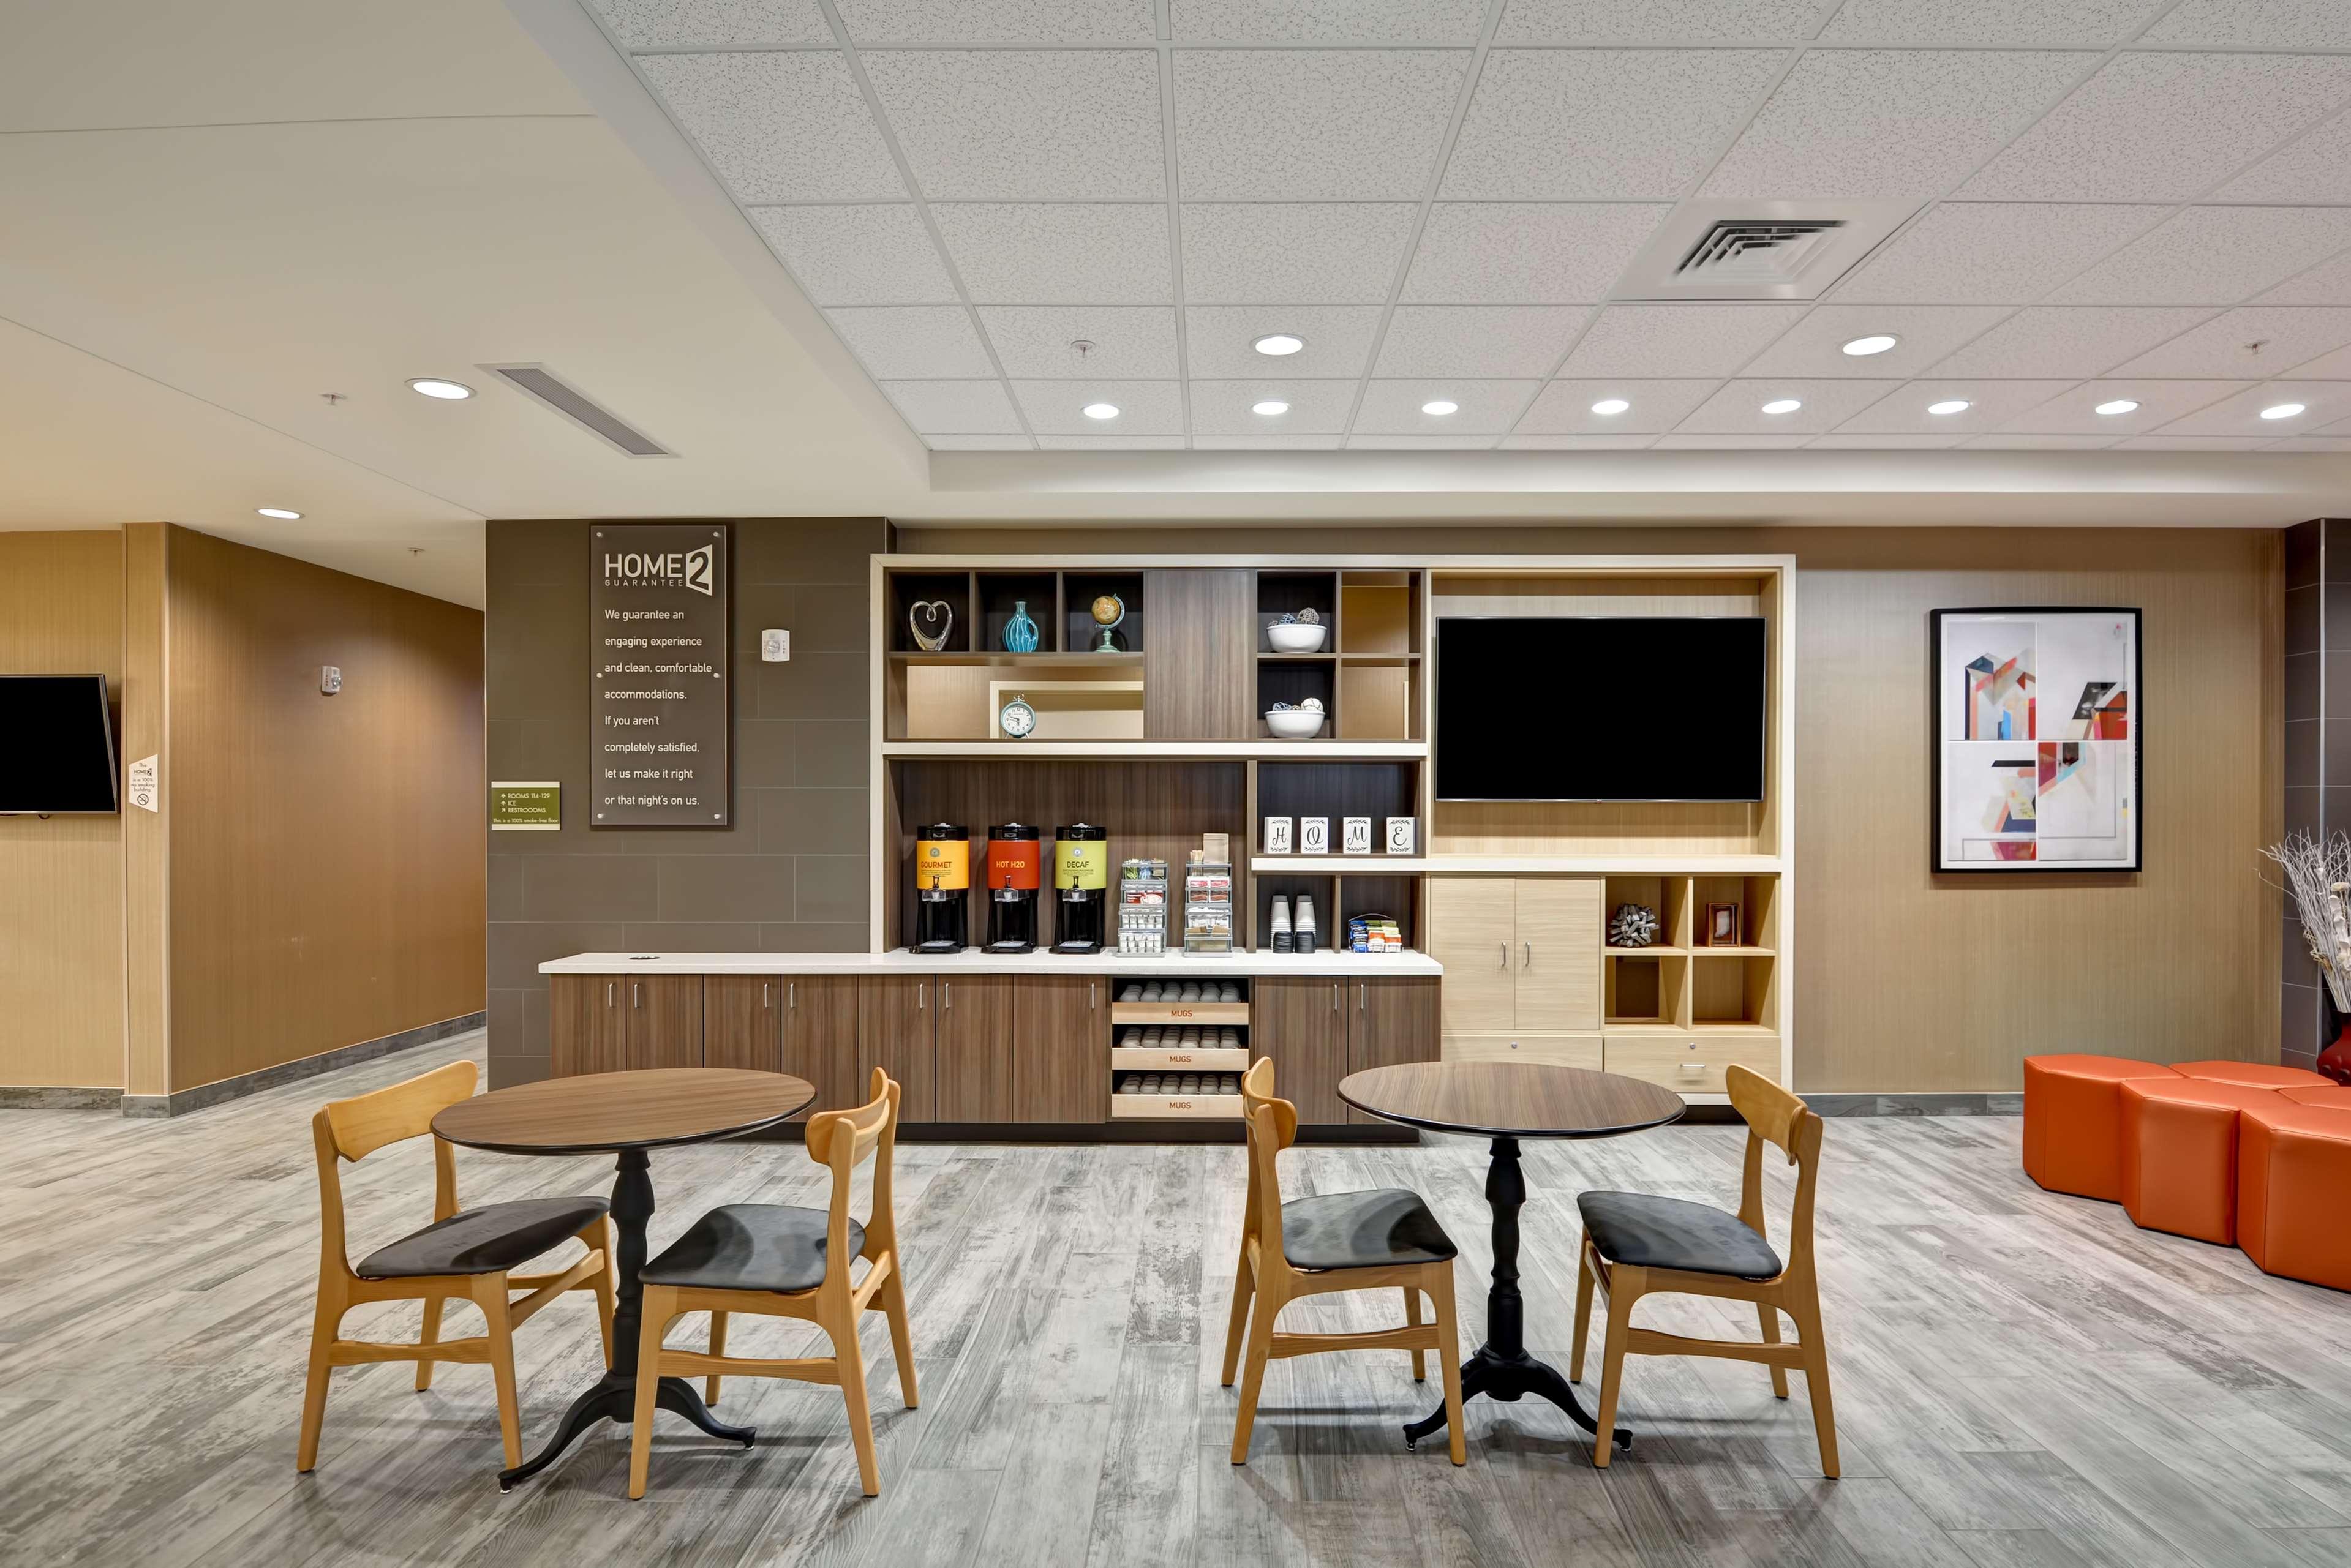 Home2 Suites by Hilton Lafayette image 12